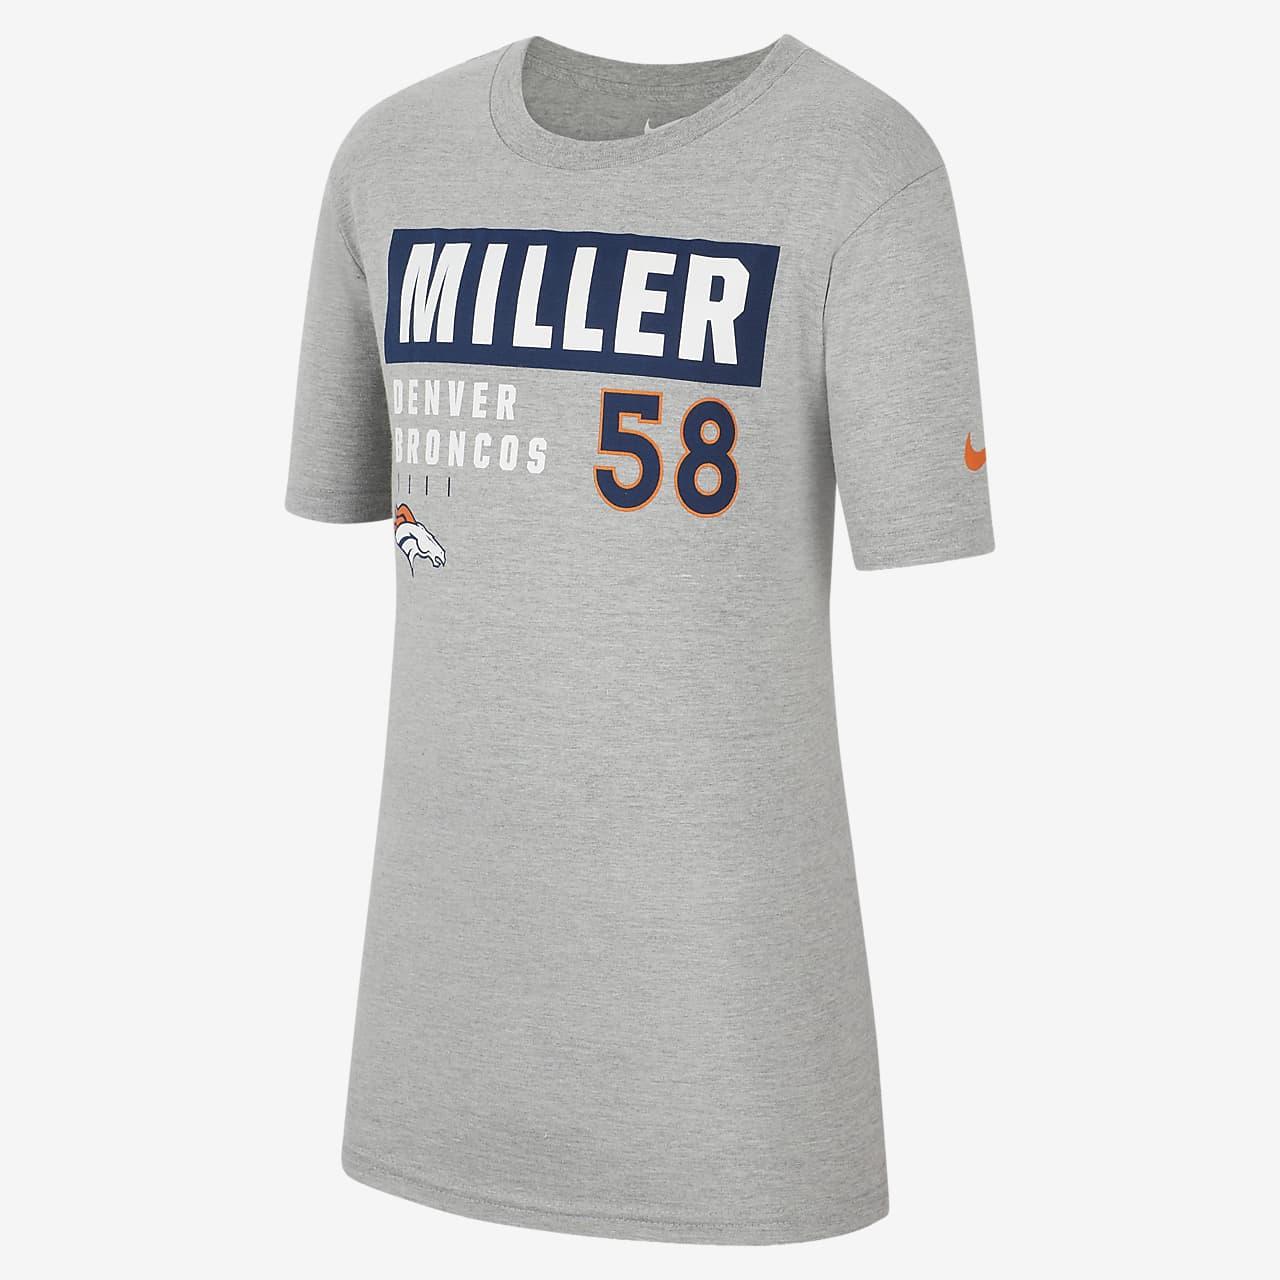 NFL Denver Broncos (Von Miller) Big Kids' (Boys') T-Shirt